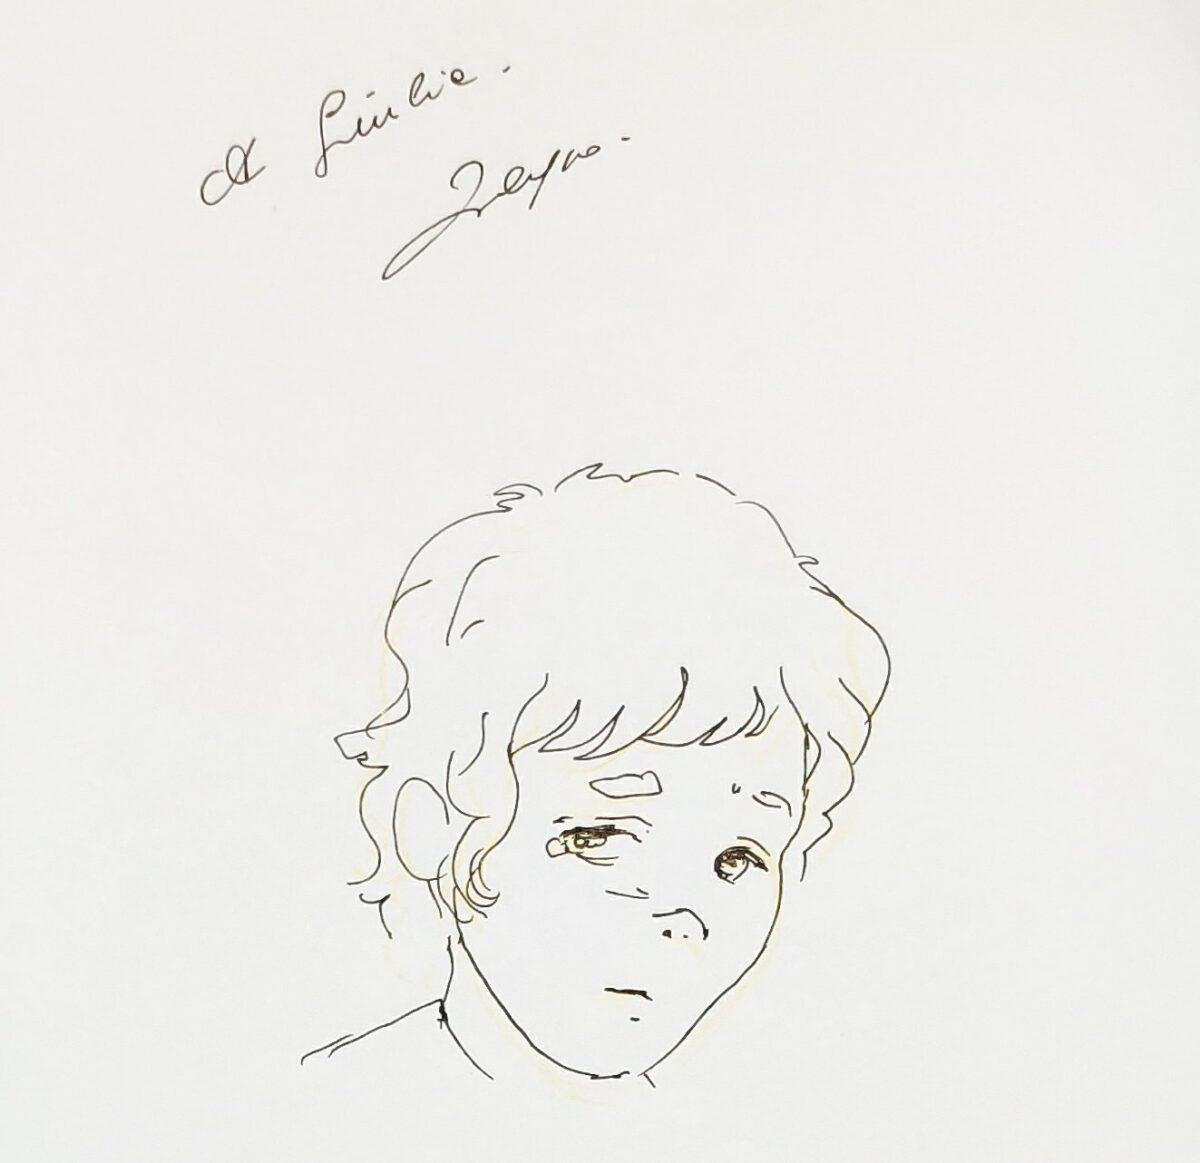 Mio caro fumetto... - La dedica di Filippo Paris alla mia copia di Qui c'è tutto il mondo